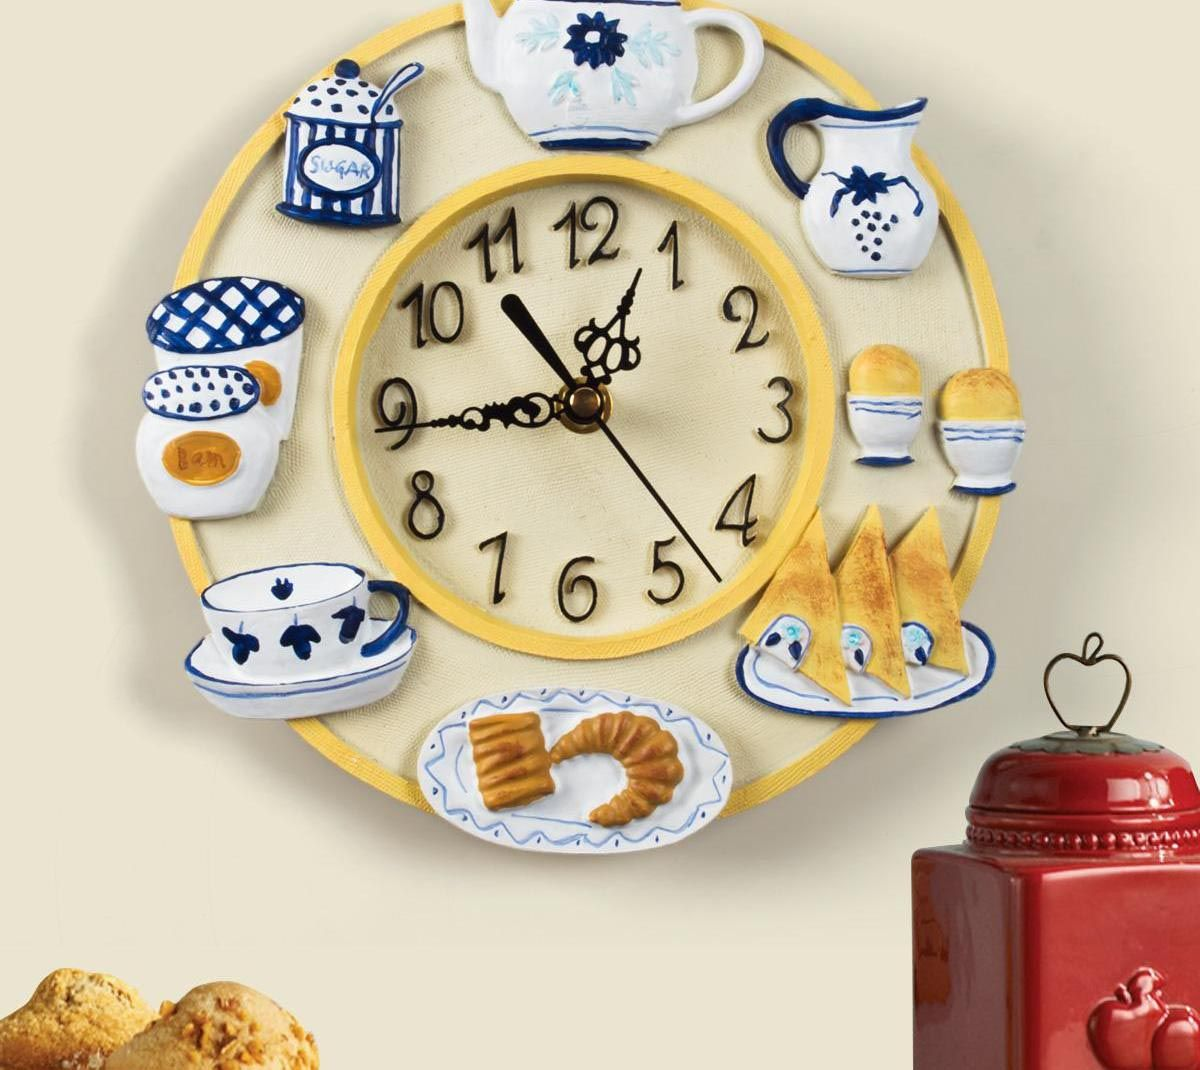 Decorative Kitchen Wall Clocks Kitchen Wall Clocks Wall Clock Clock